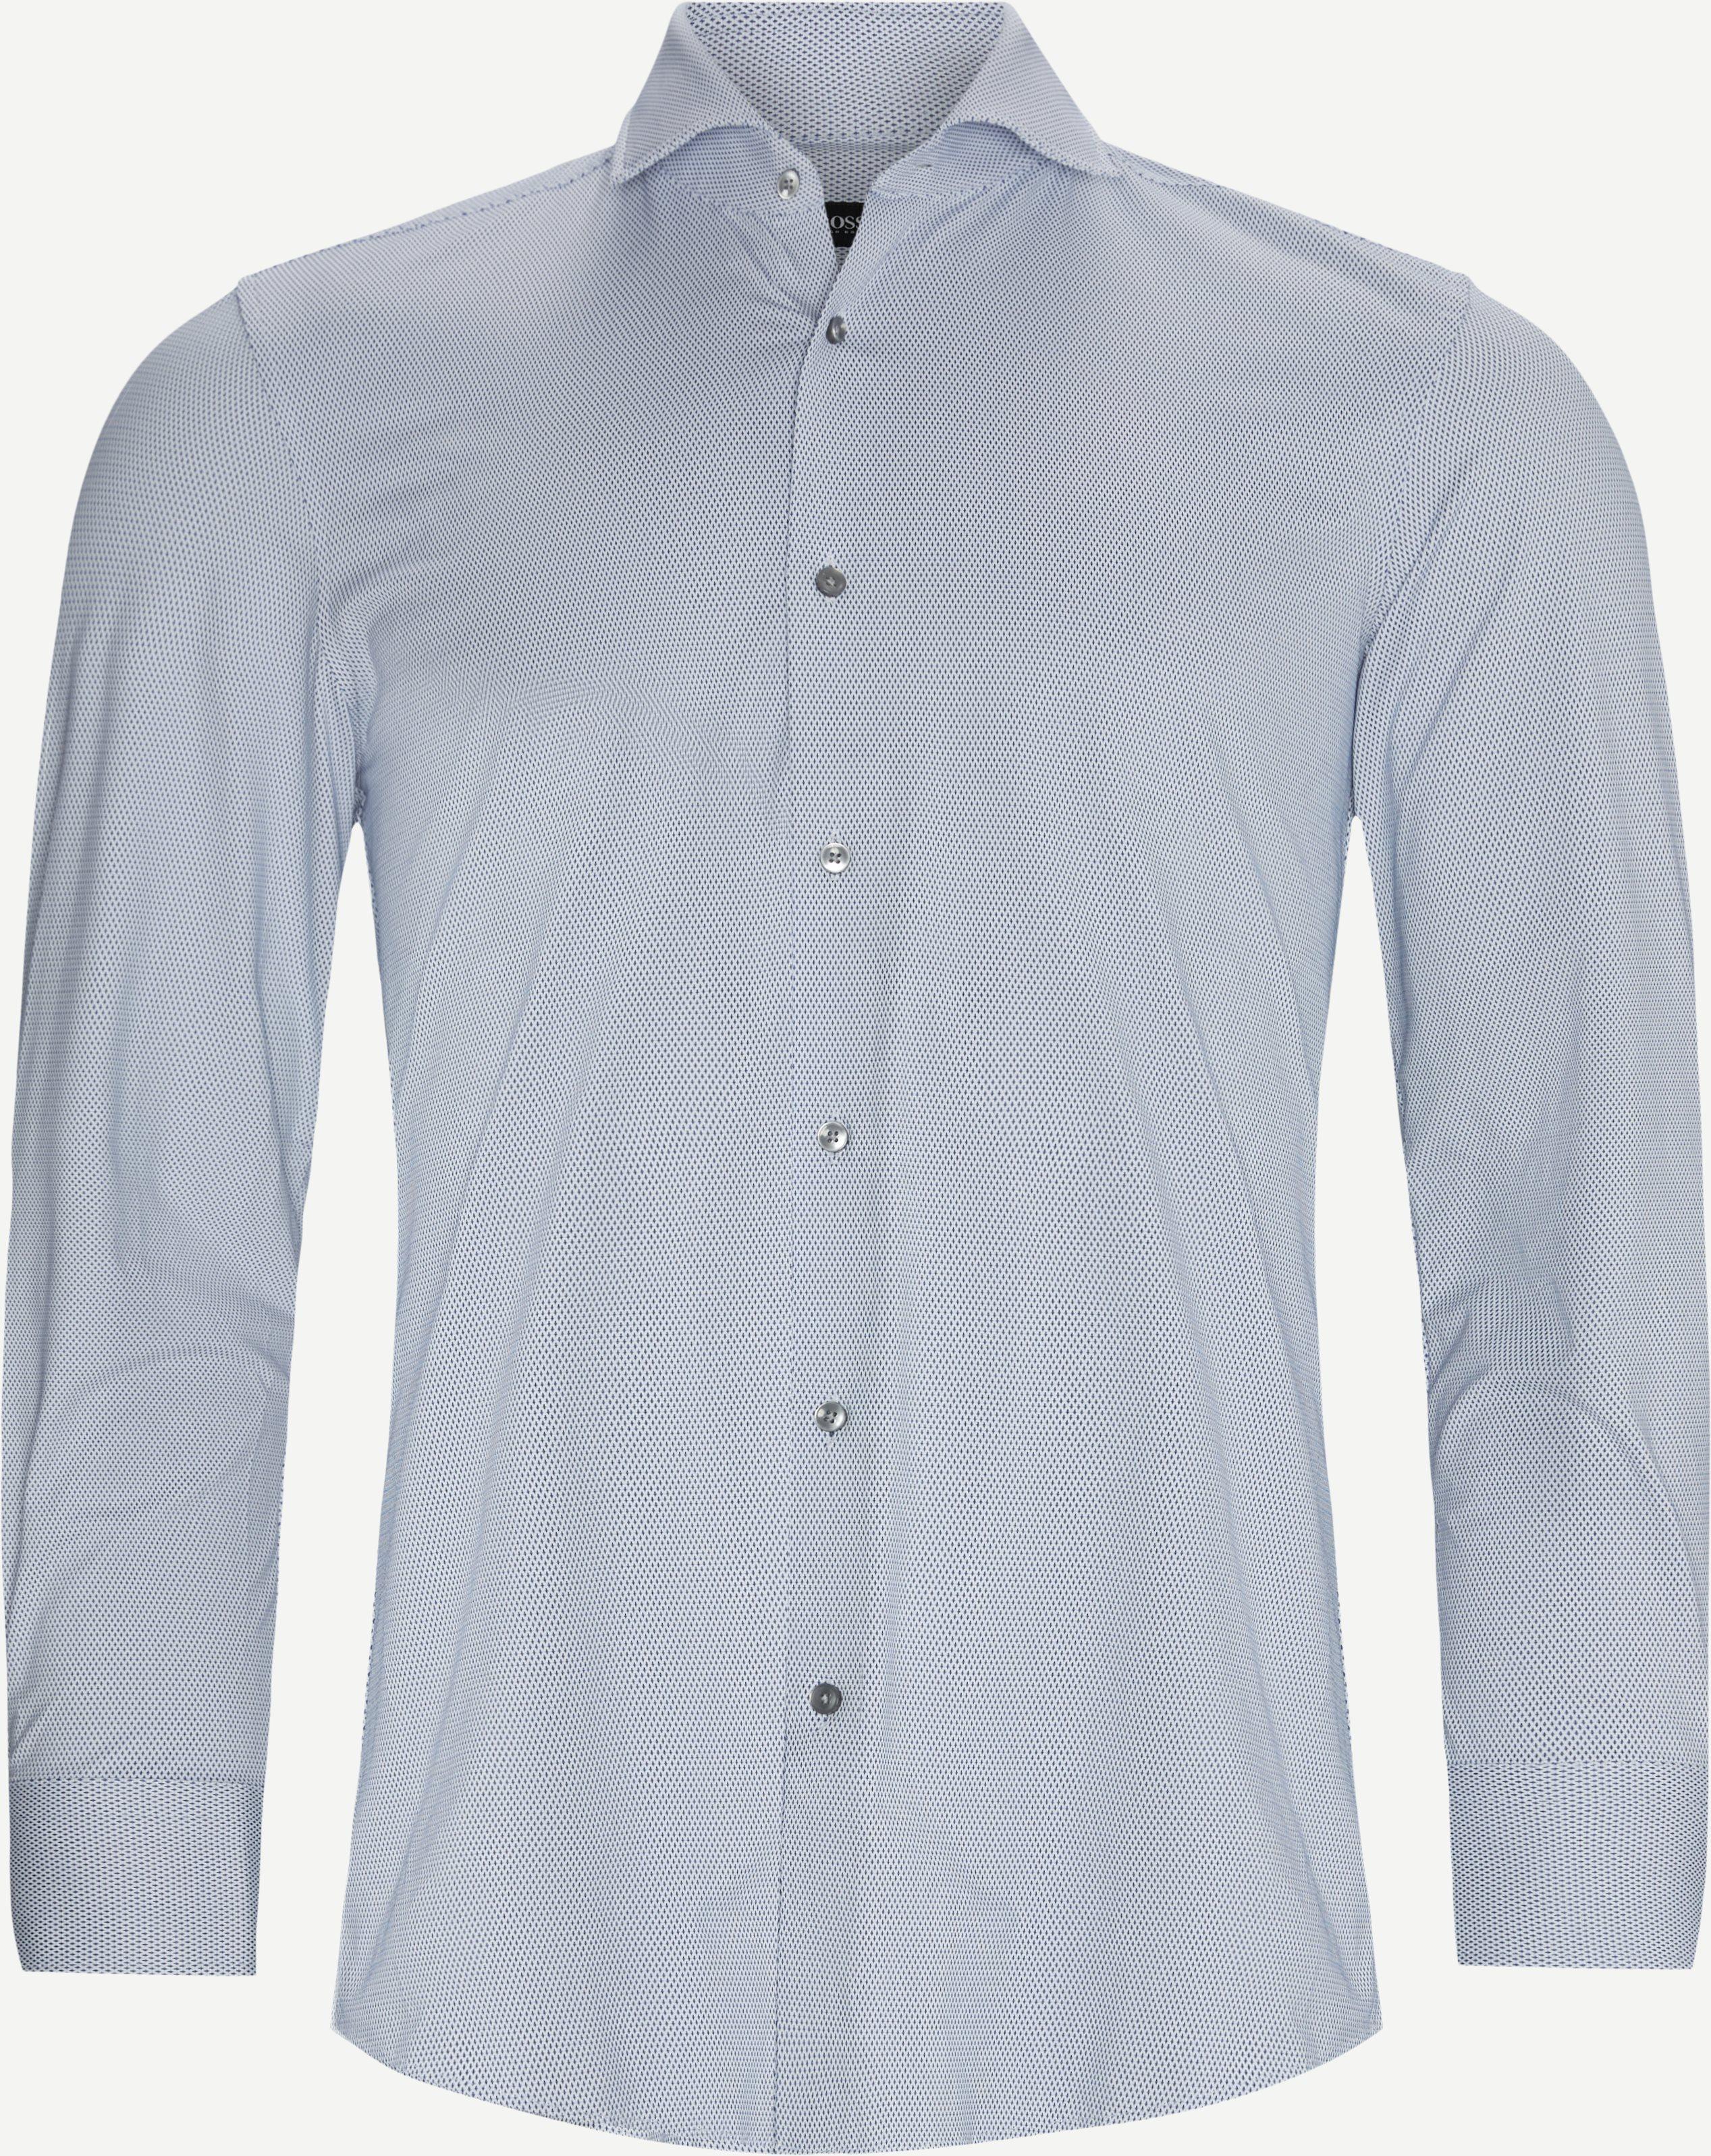 Jason Skjorte - Skjorter - Slim fit - Blå